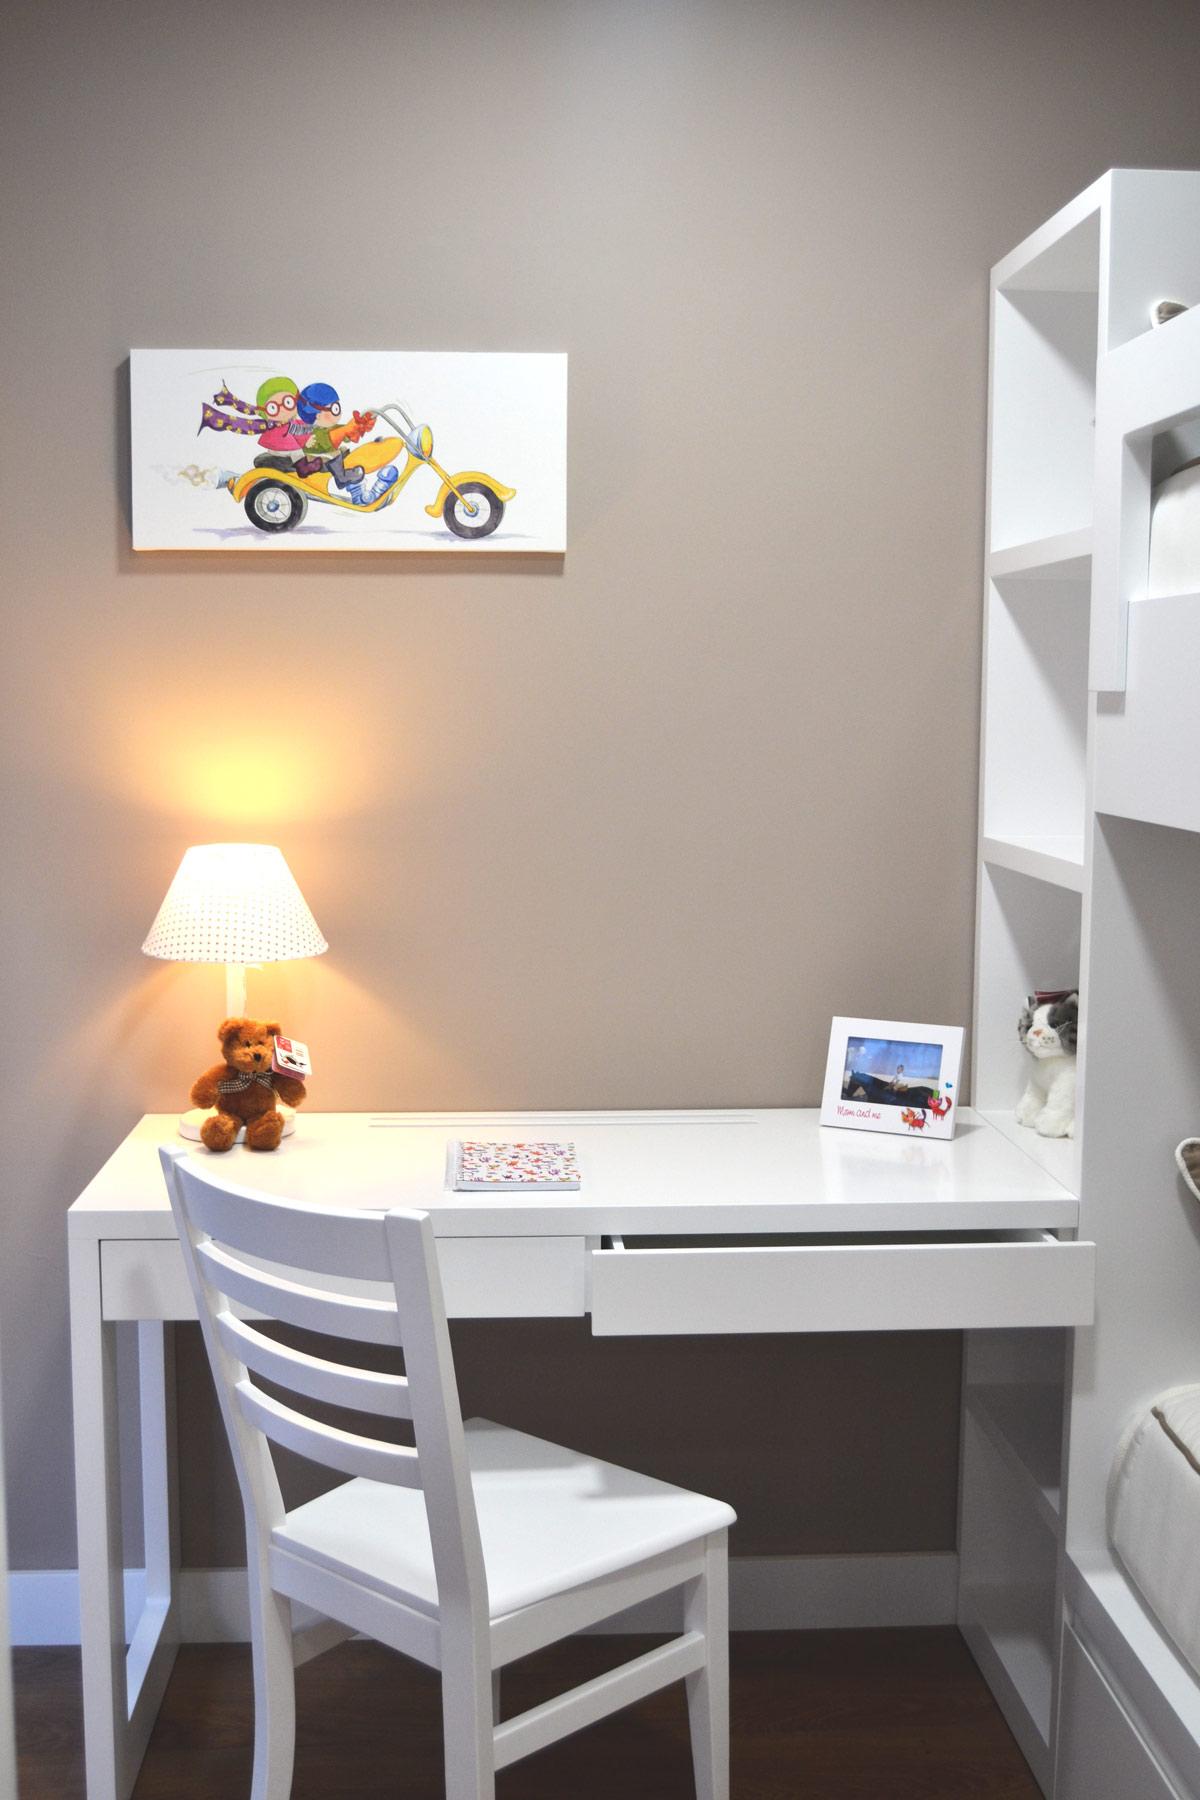 Dormitorio litera tatami el p jaro carpintero - Literas con escritorio debajo ...